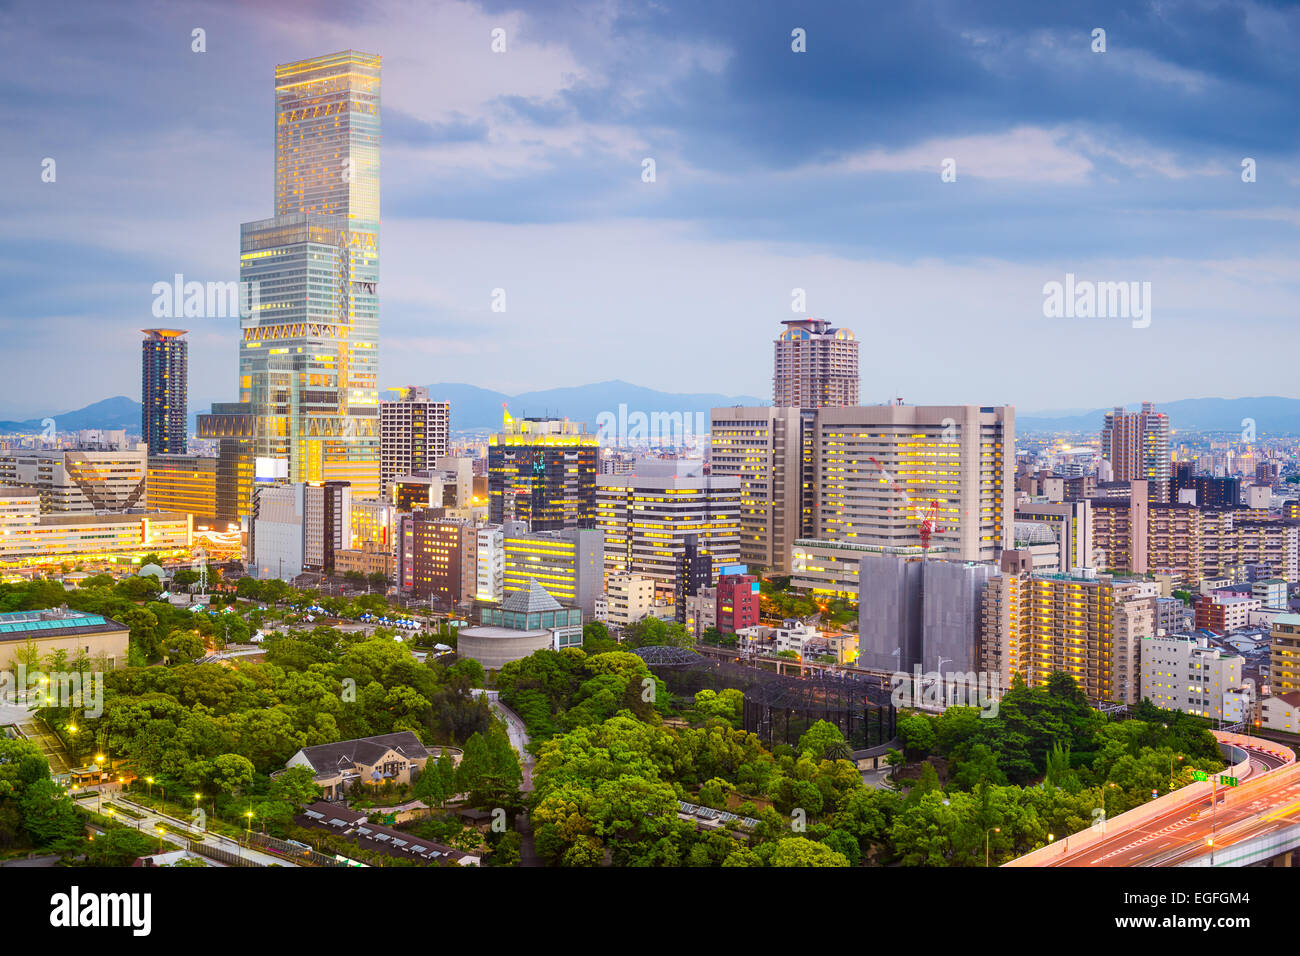 Osaka, Japón, del paisaje urbano en el distrito Abeno. Imagen De Stock